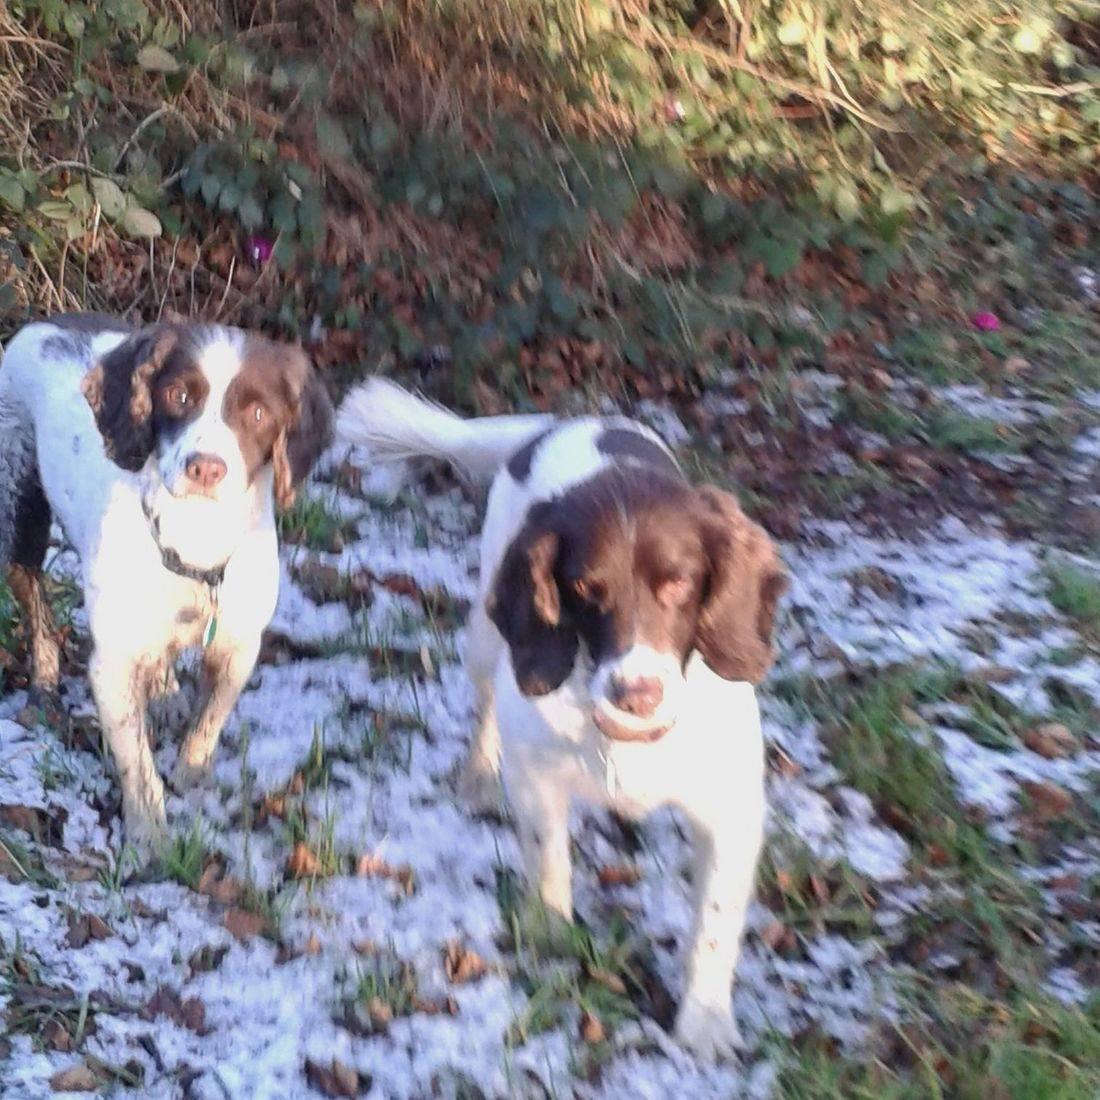 Springer Spaniels in the snow